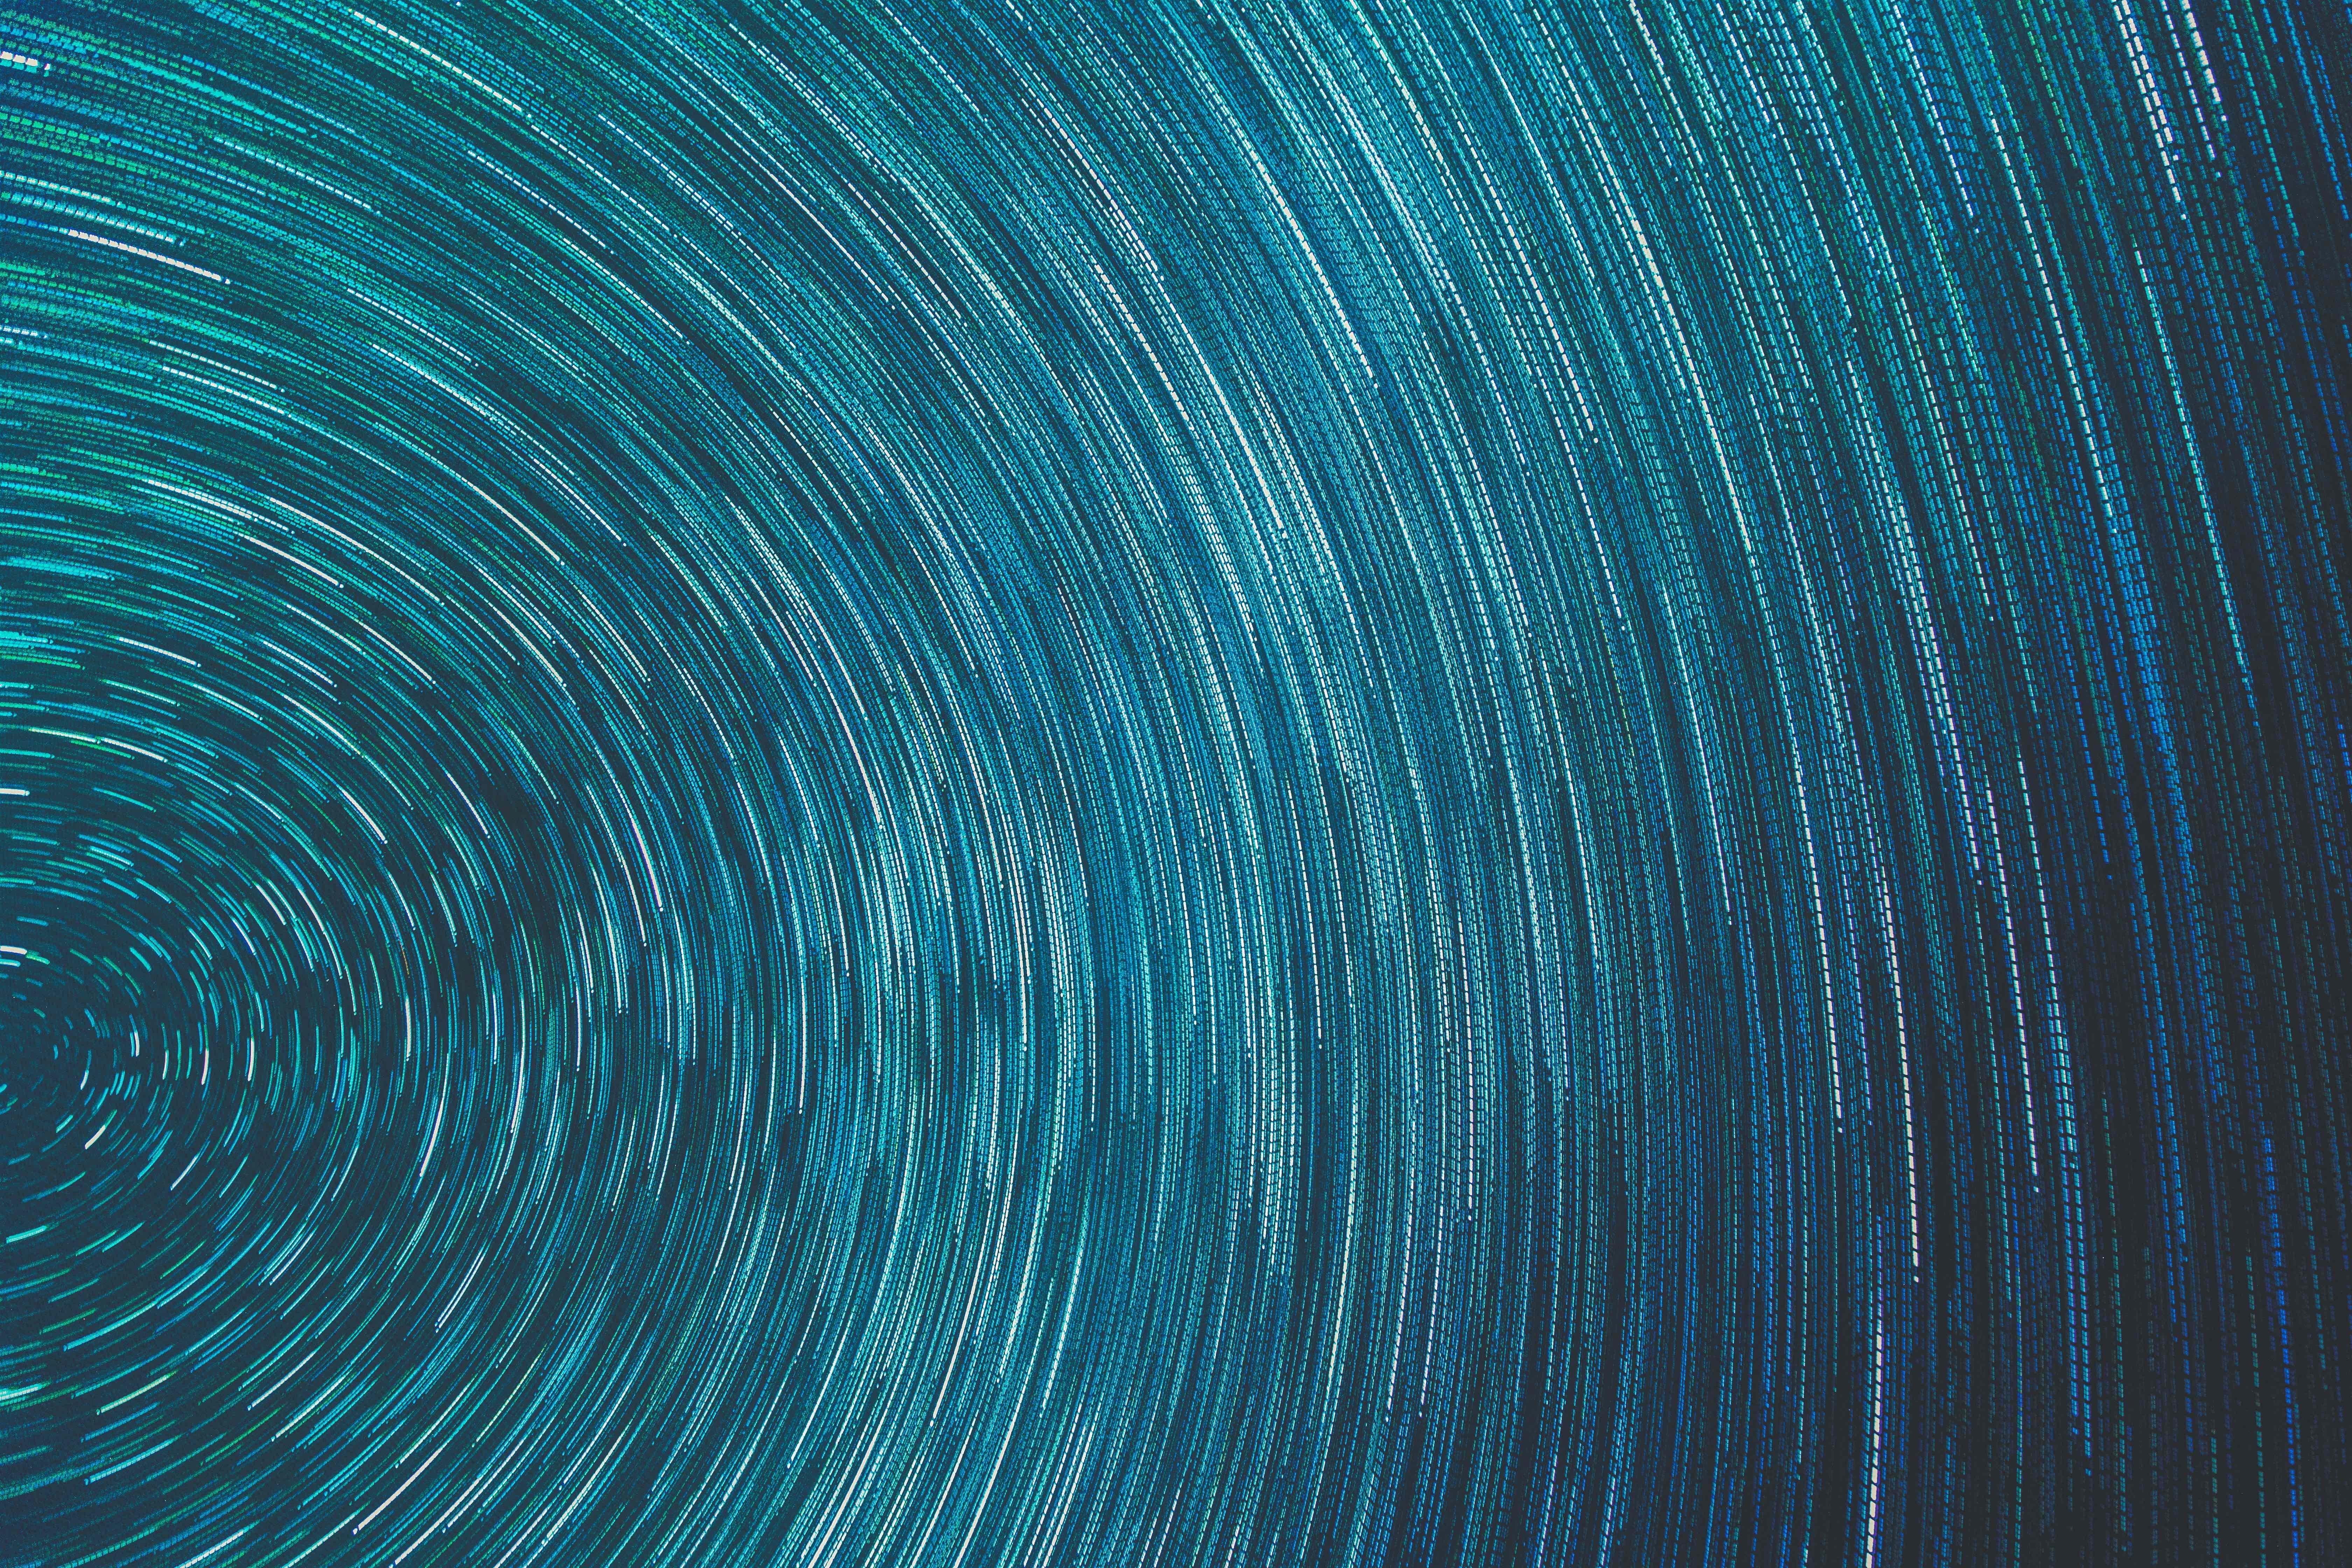 最強の引き寄せの法則マニュアル!量子力学とスピリチュアルで「波動」を科学的に解説